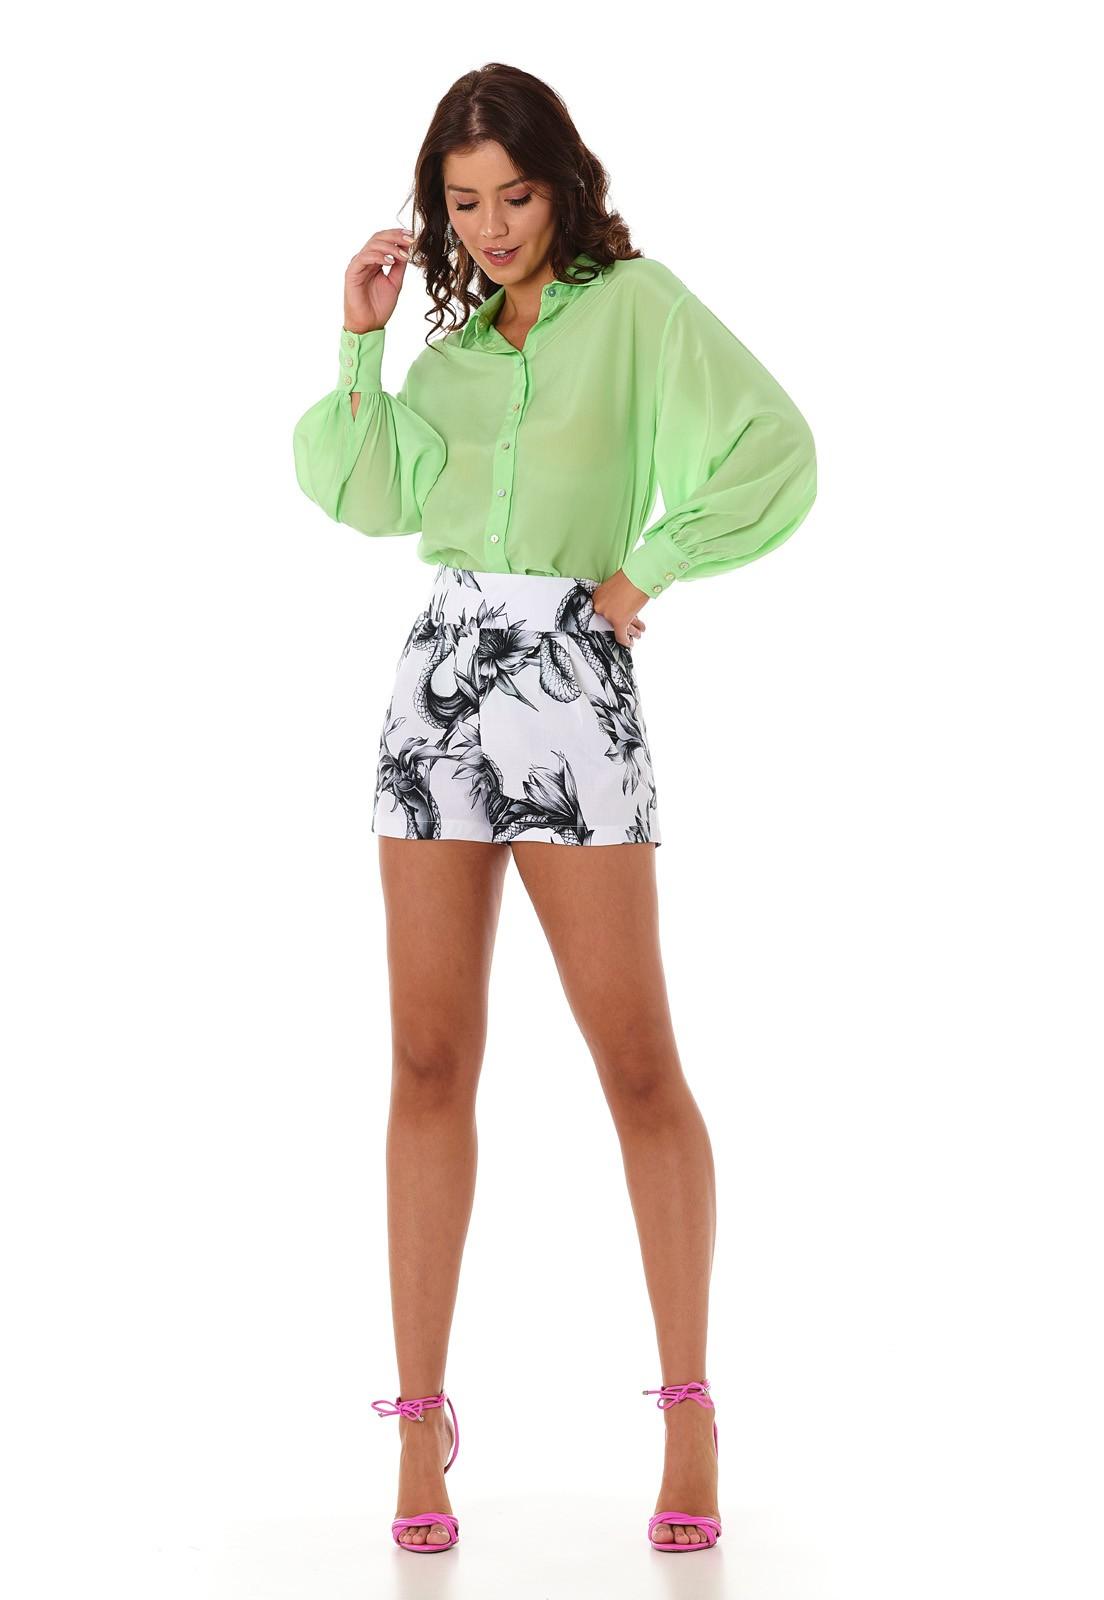 Camisa Manga Bufante Verde Limão Lala Dubi